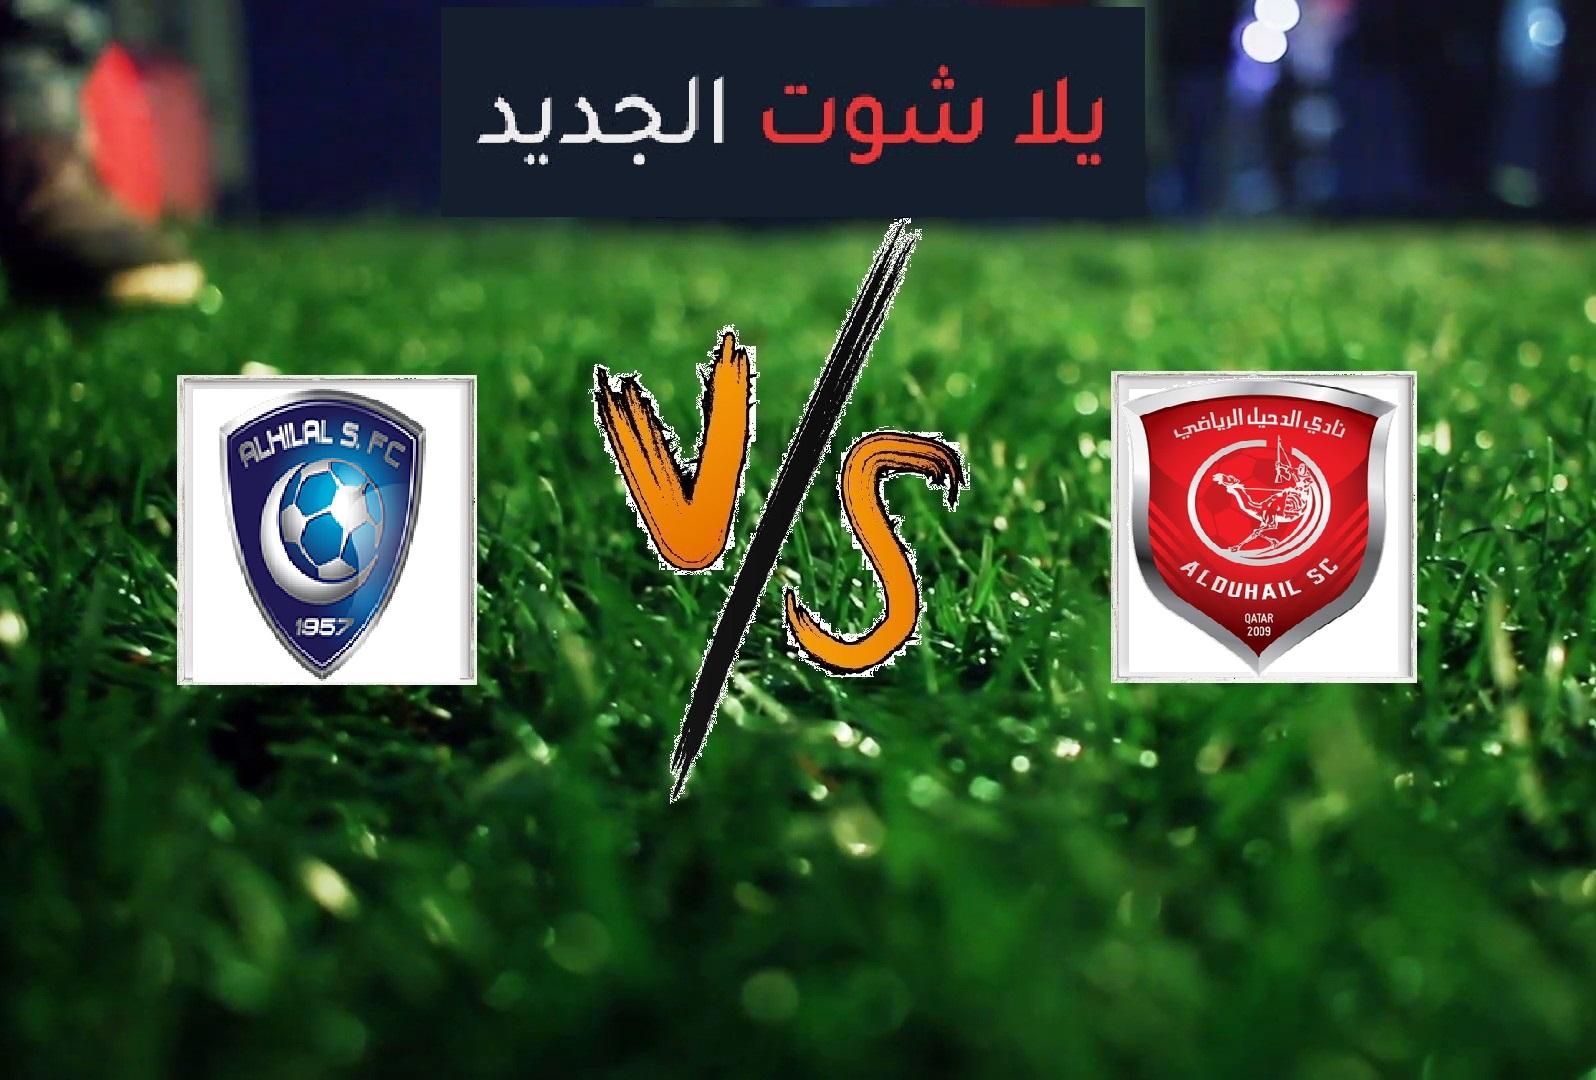 ملخص مباراة الدحيل والهلال اليوم الاثنين بتاريخ 20-05-2019 دوري أبطال آسيا